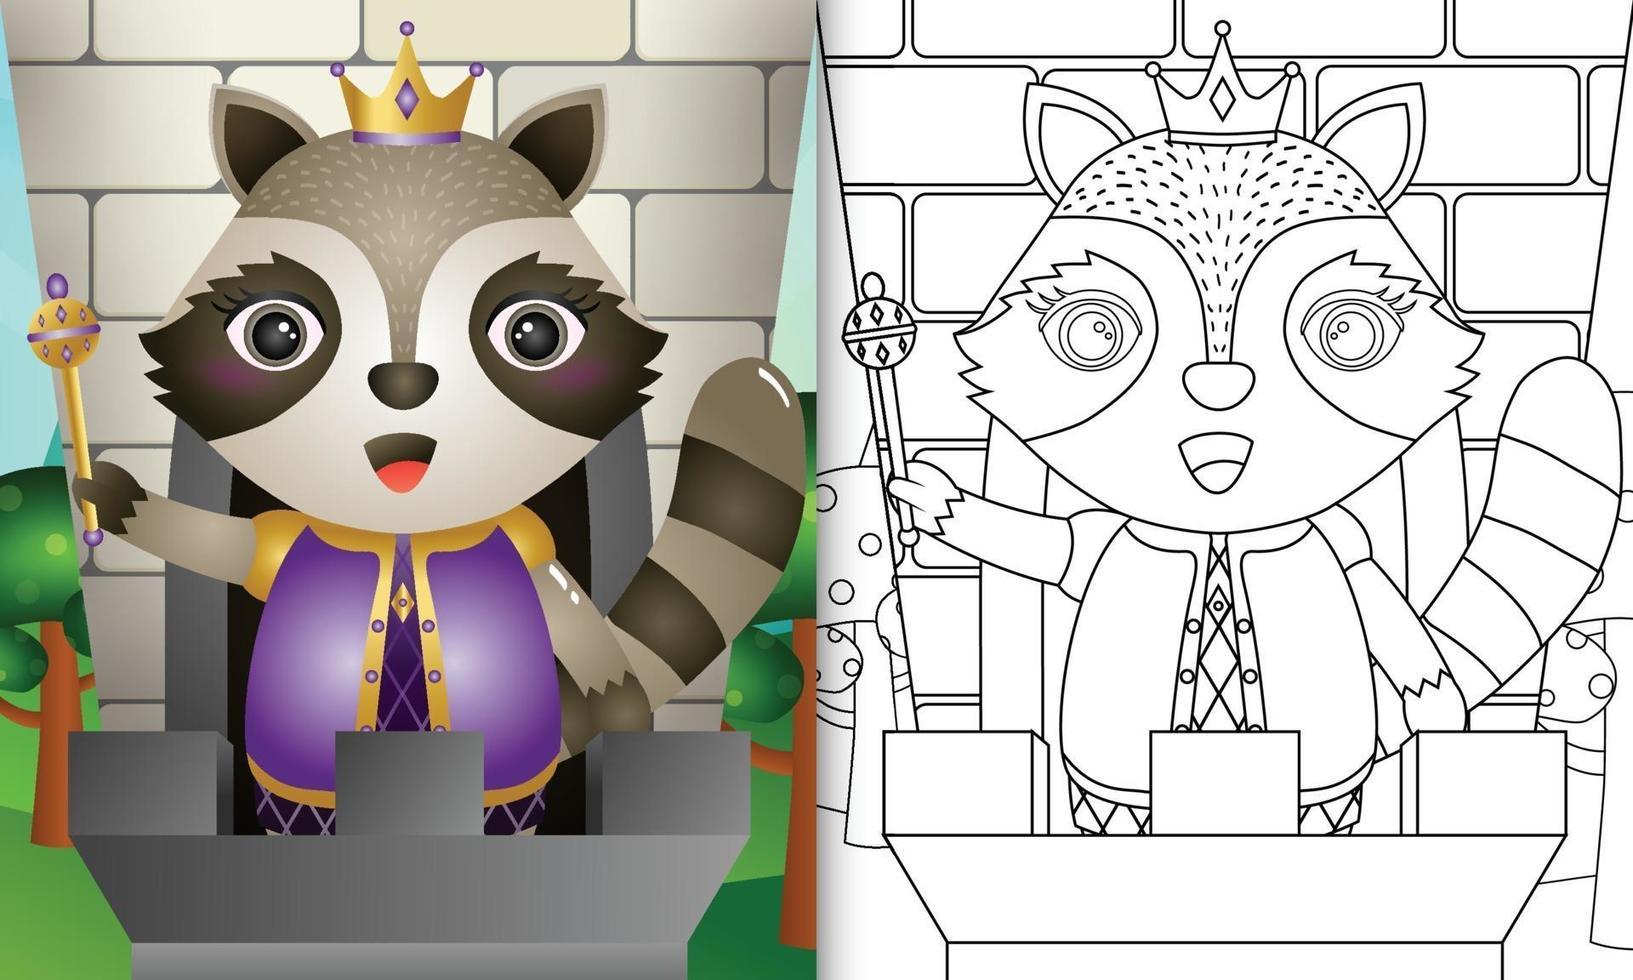 Malbuchschablone für Kinder mit einer niedlichen König Waschbärcharakterillustration vektor